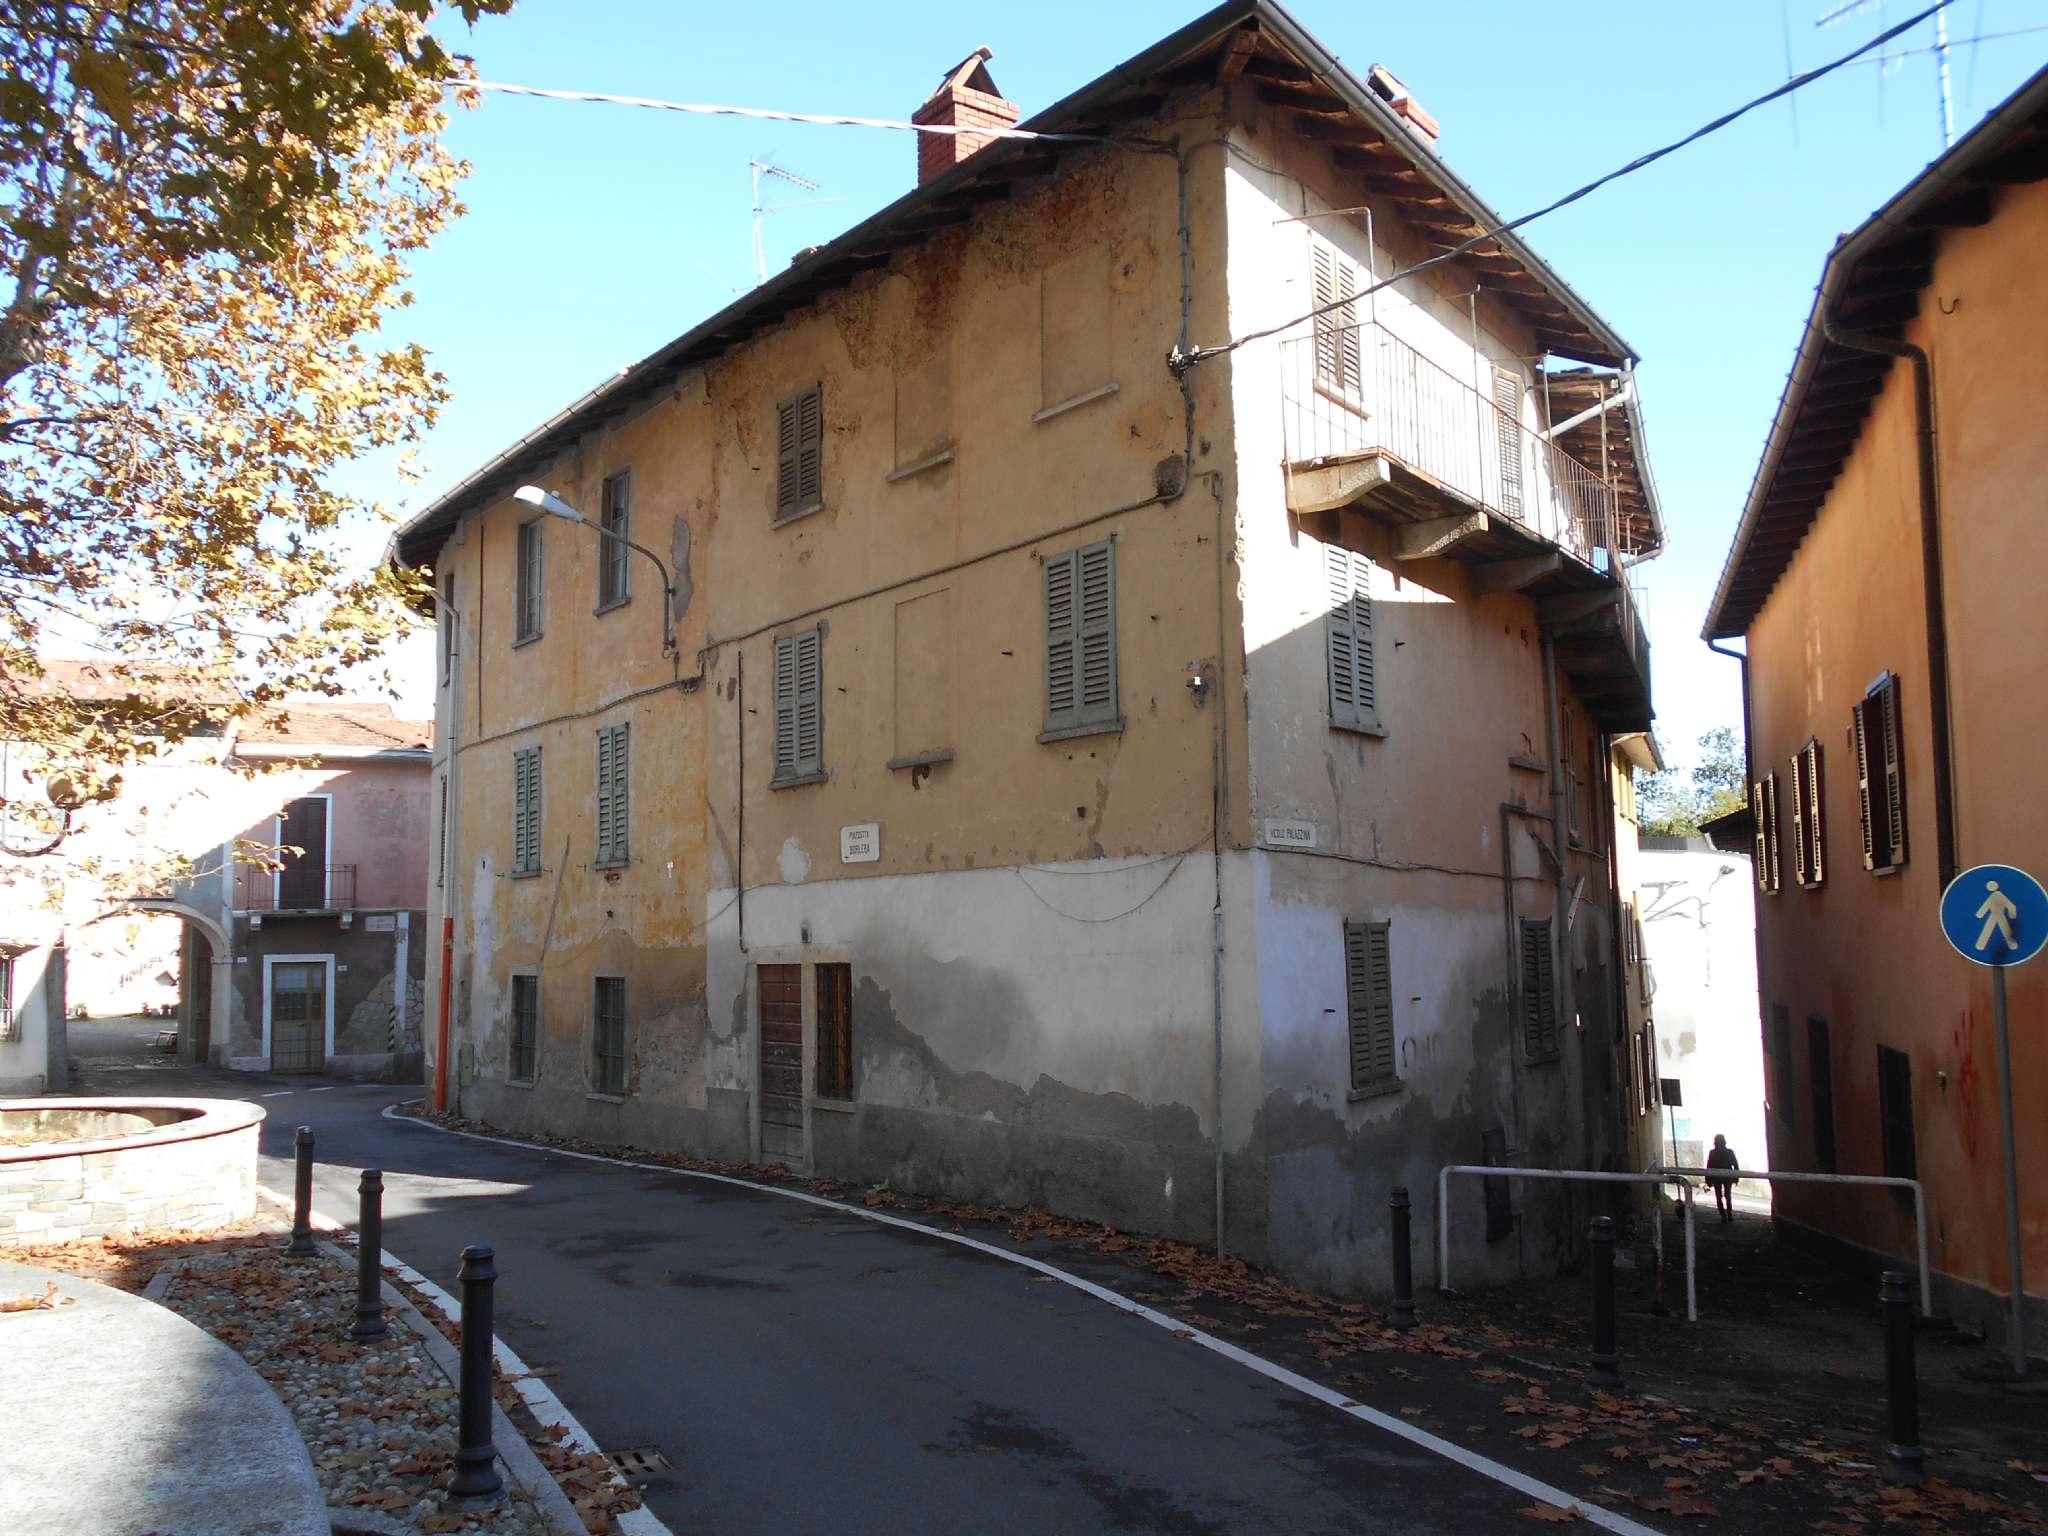 Soluzione Semindipendente in vendita a Morazzone, 12 locali, prezzo € 78.000 | CambioCasa.it